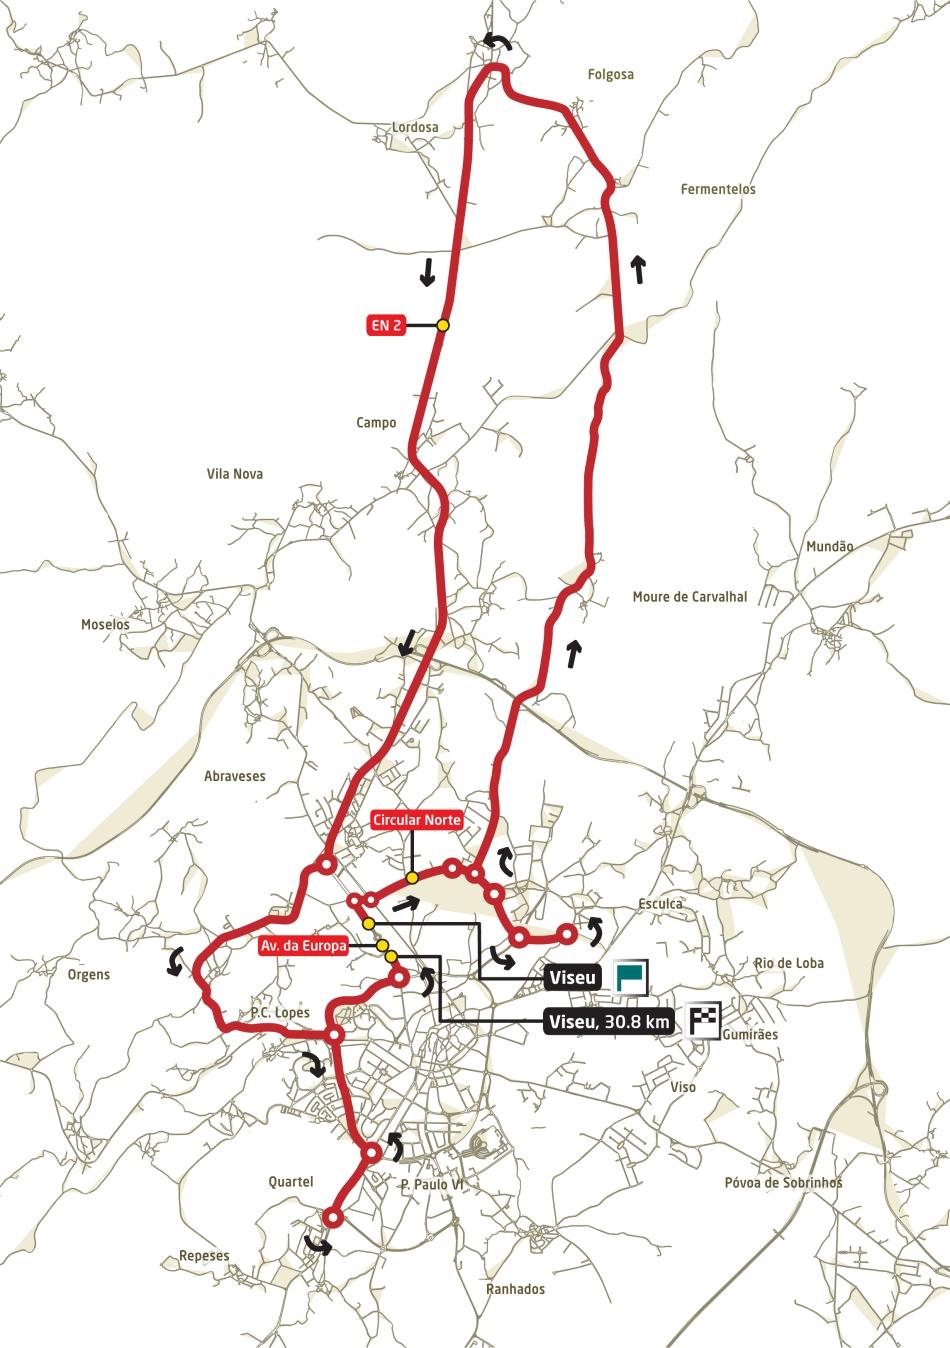 Streckenverlauf Volta a Portugal em Bicicleta 2009 - Etappe 10